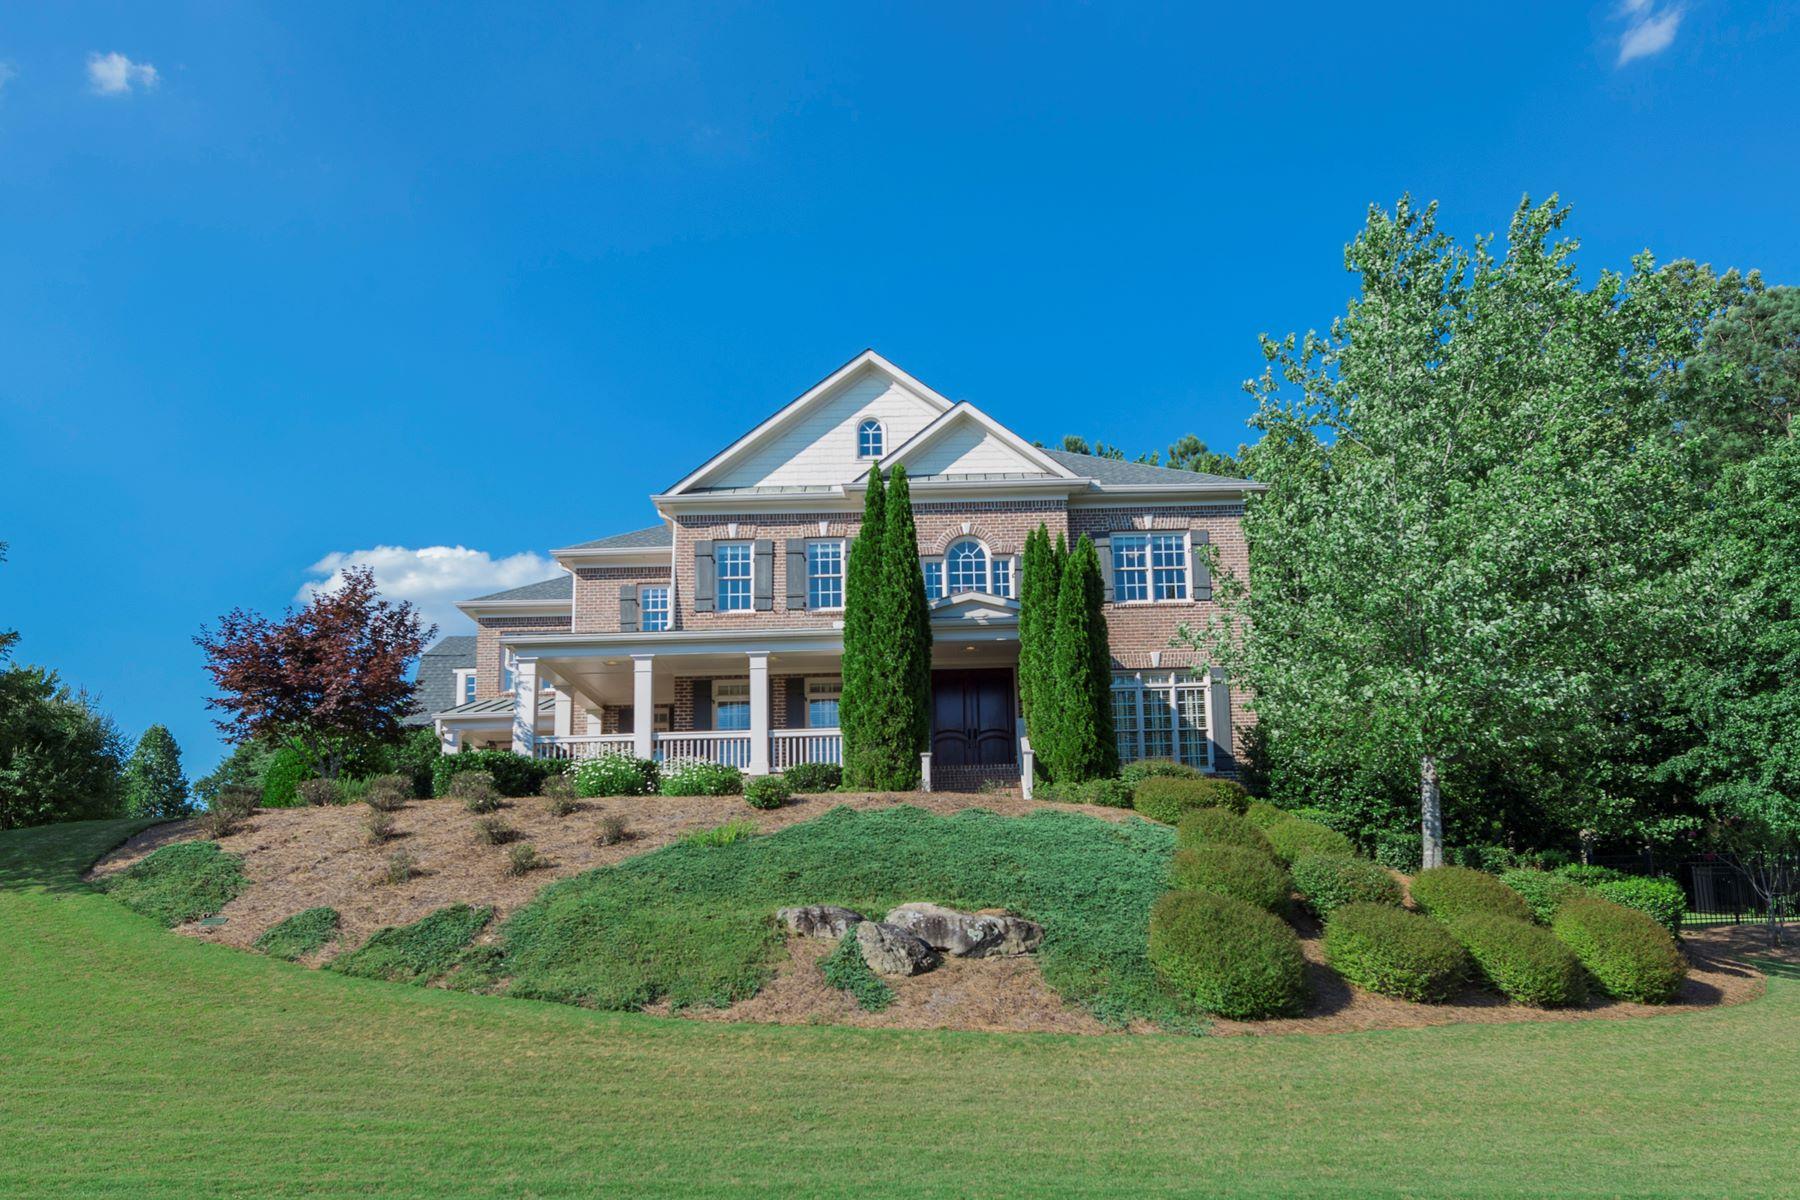 Maison unifamiliale pour l Vente à Your Staycation Destination 200 Inwood Terrace Roswell, Georgia, 30075 États-Unis